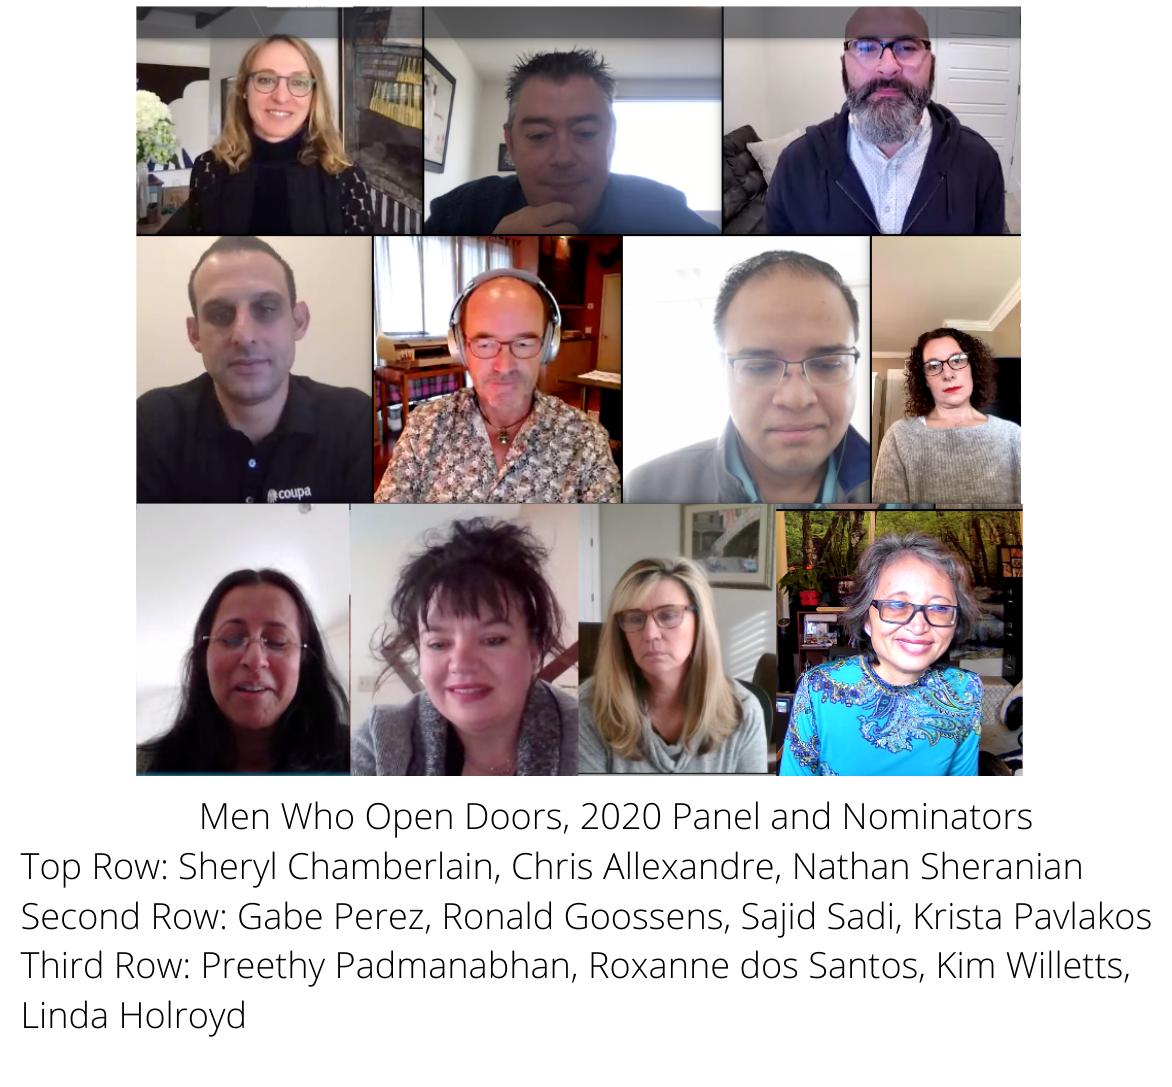 Men Who Open Doors 2020